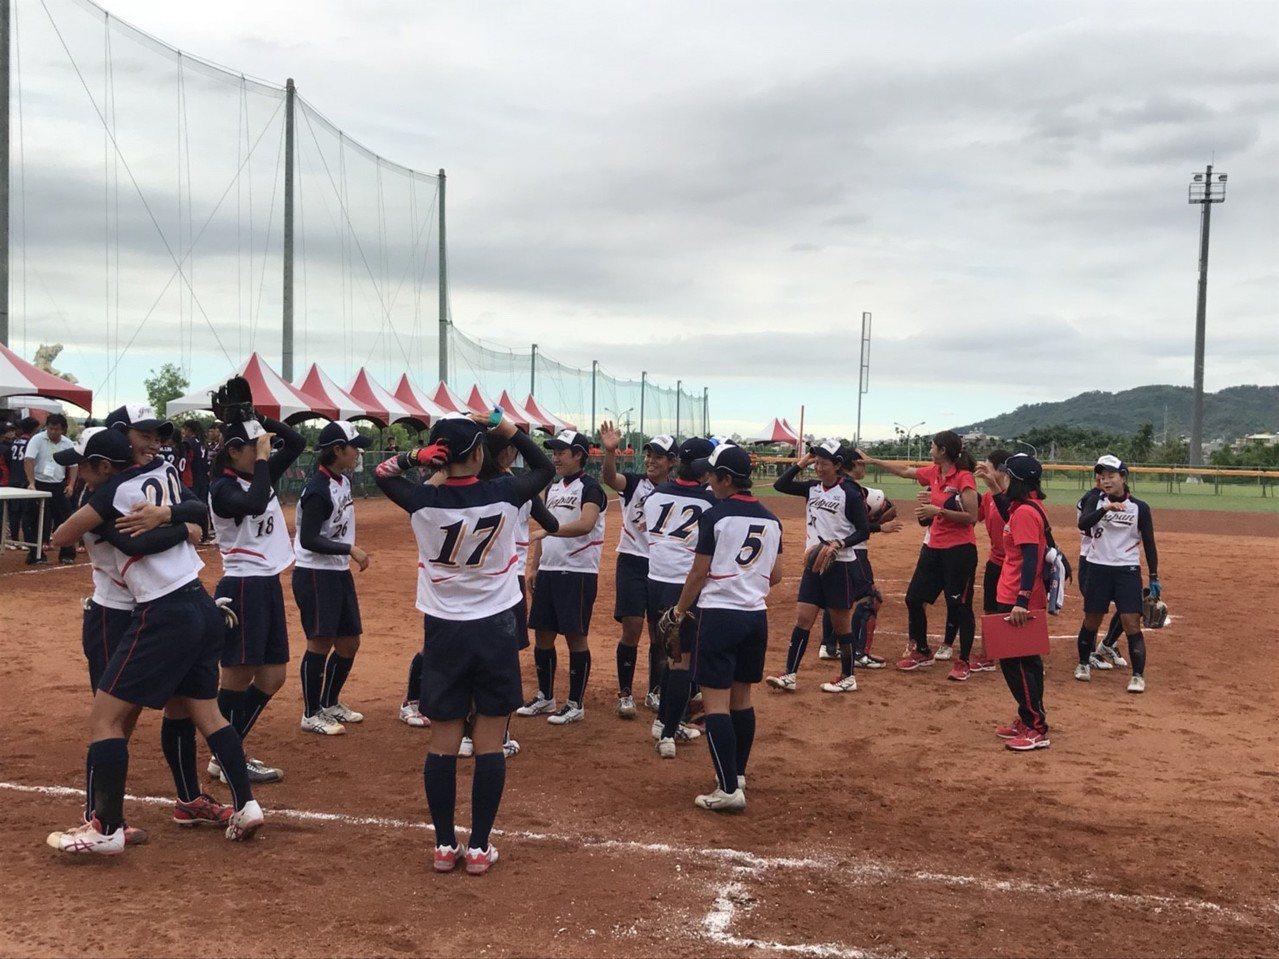 女壘/中華隊「誤」事不敵日本 獲亞軍 | 棒球 | 運動 | 聯合新聞網